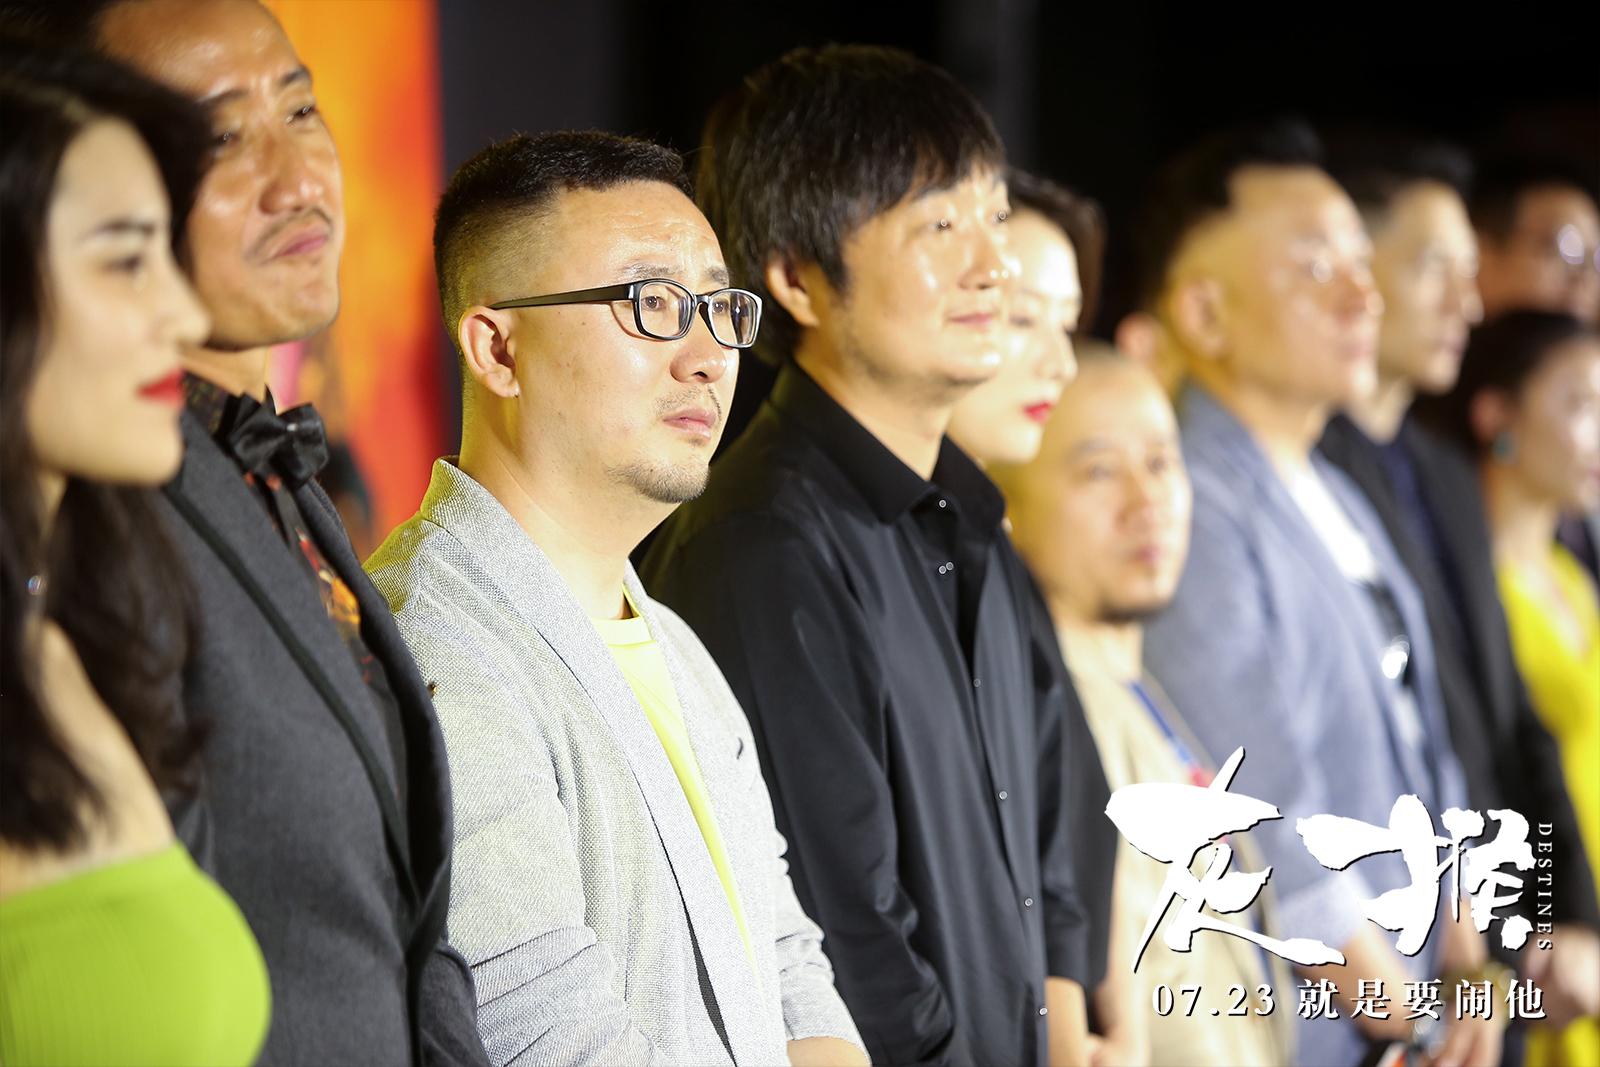 电影 灰猴 首映礼笑闹北京 黑马之姿打造暑期喜剧第一炮